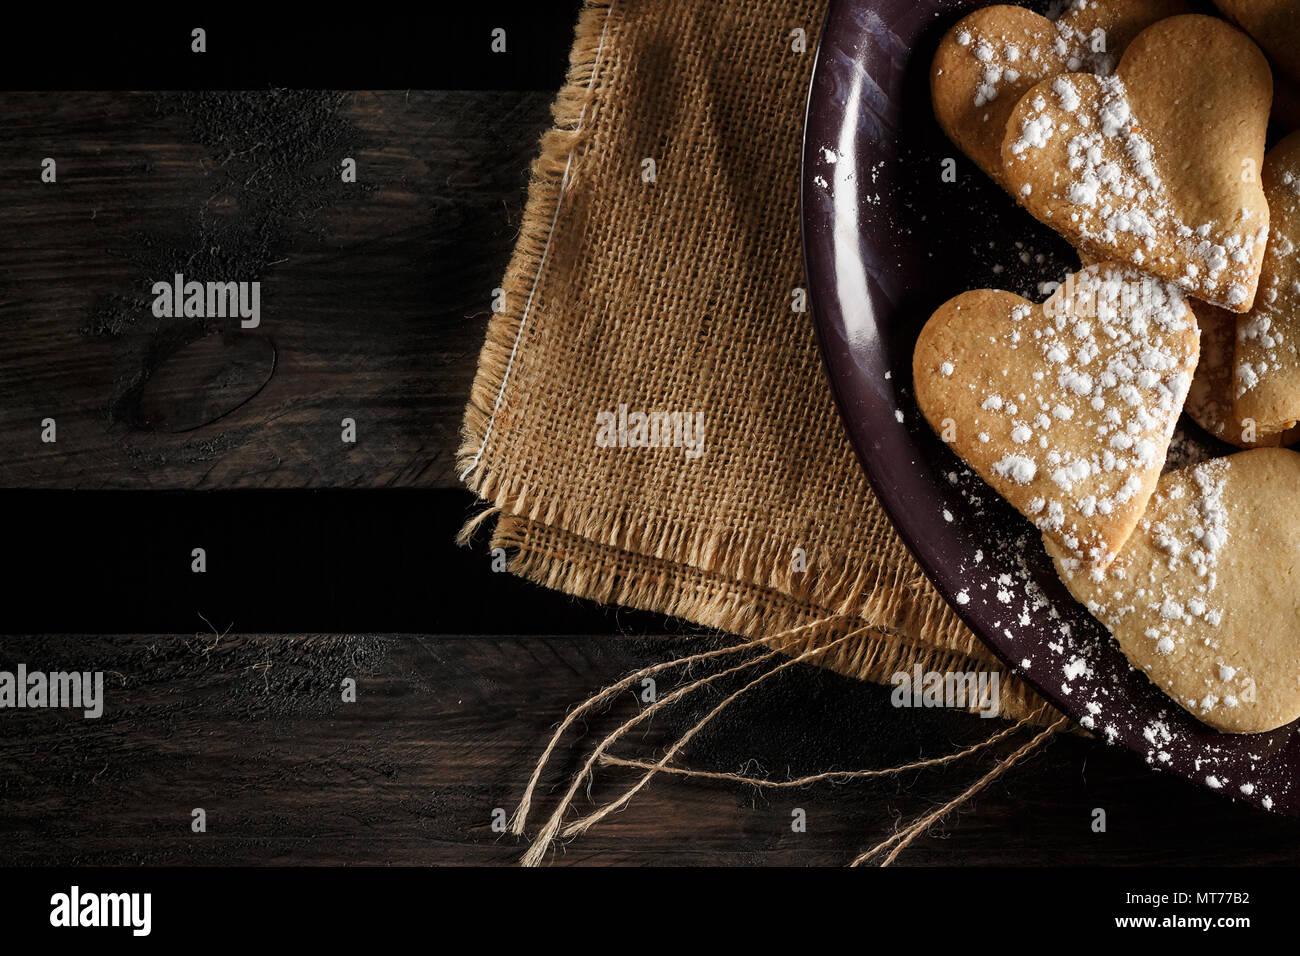 Délicieux cookies en forme de cœur saupoudrée de sucre glace sur le sac et les planches de bois. Image horizontale vue d'en haut. Photo Stock